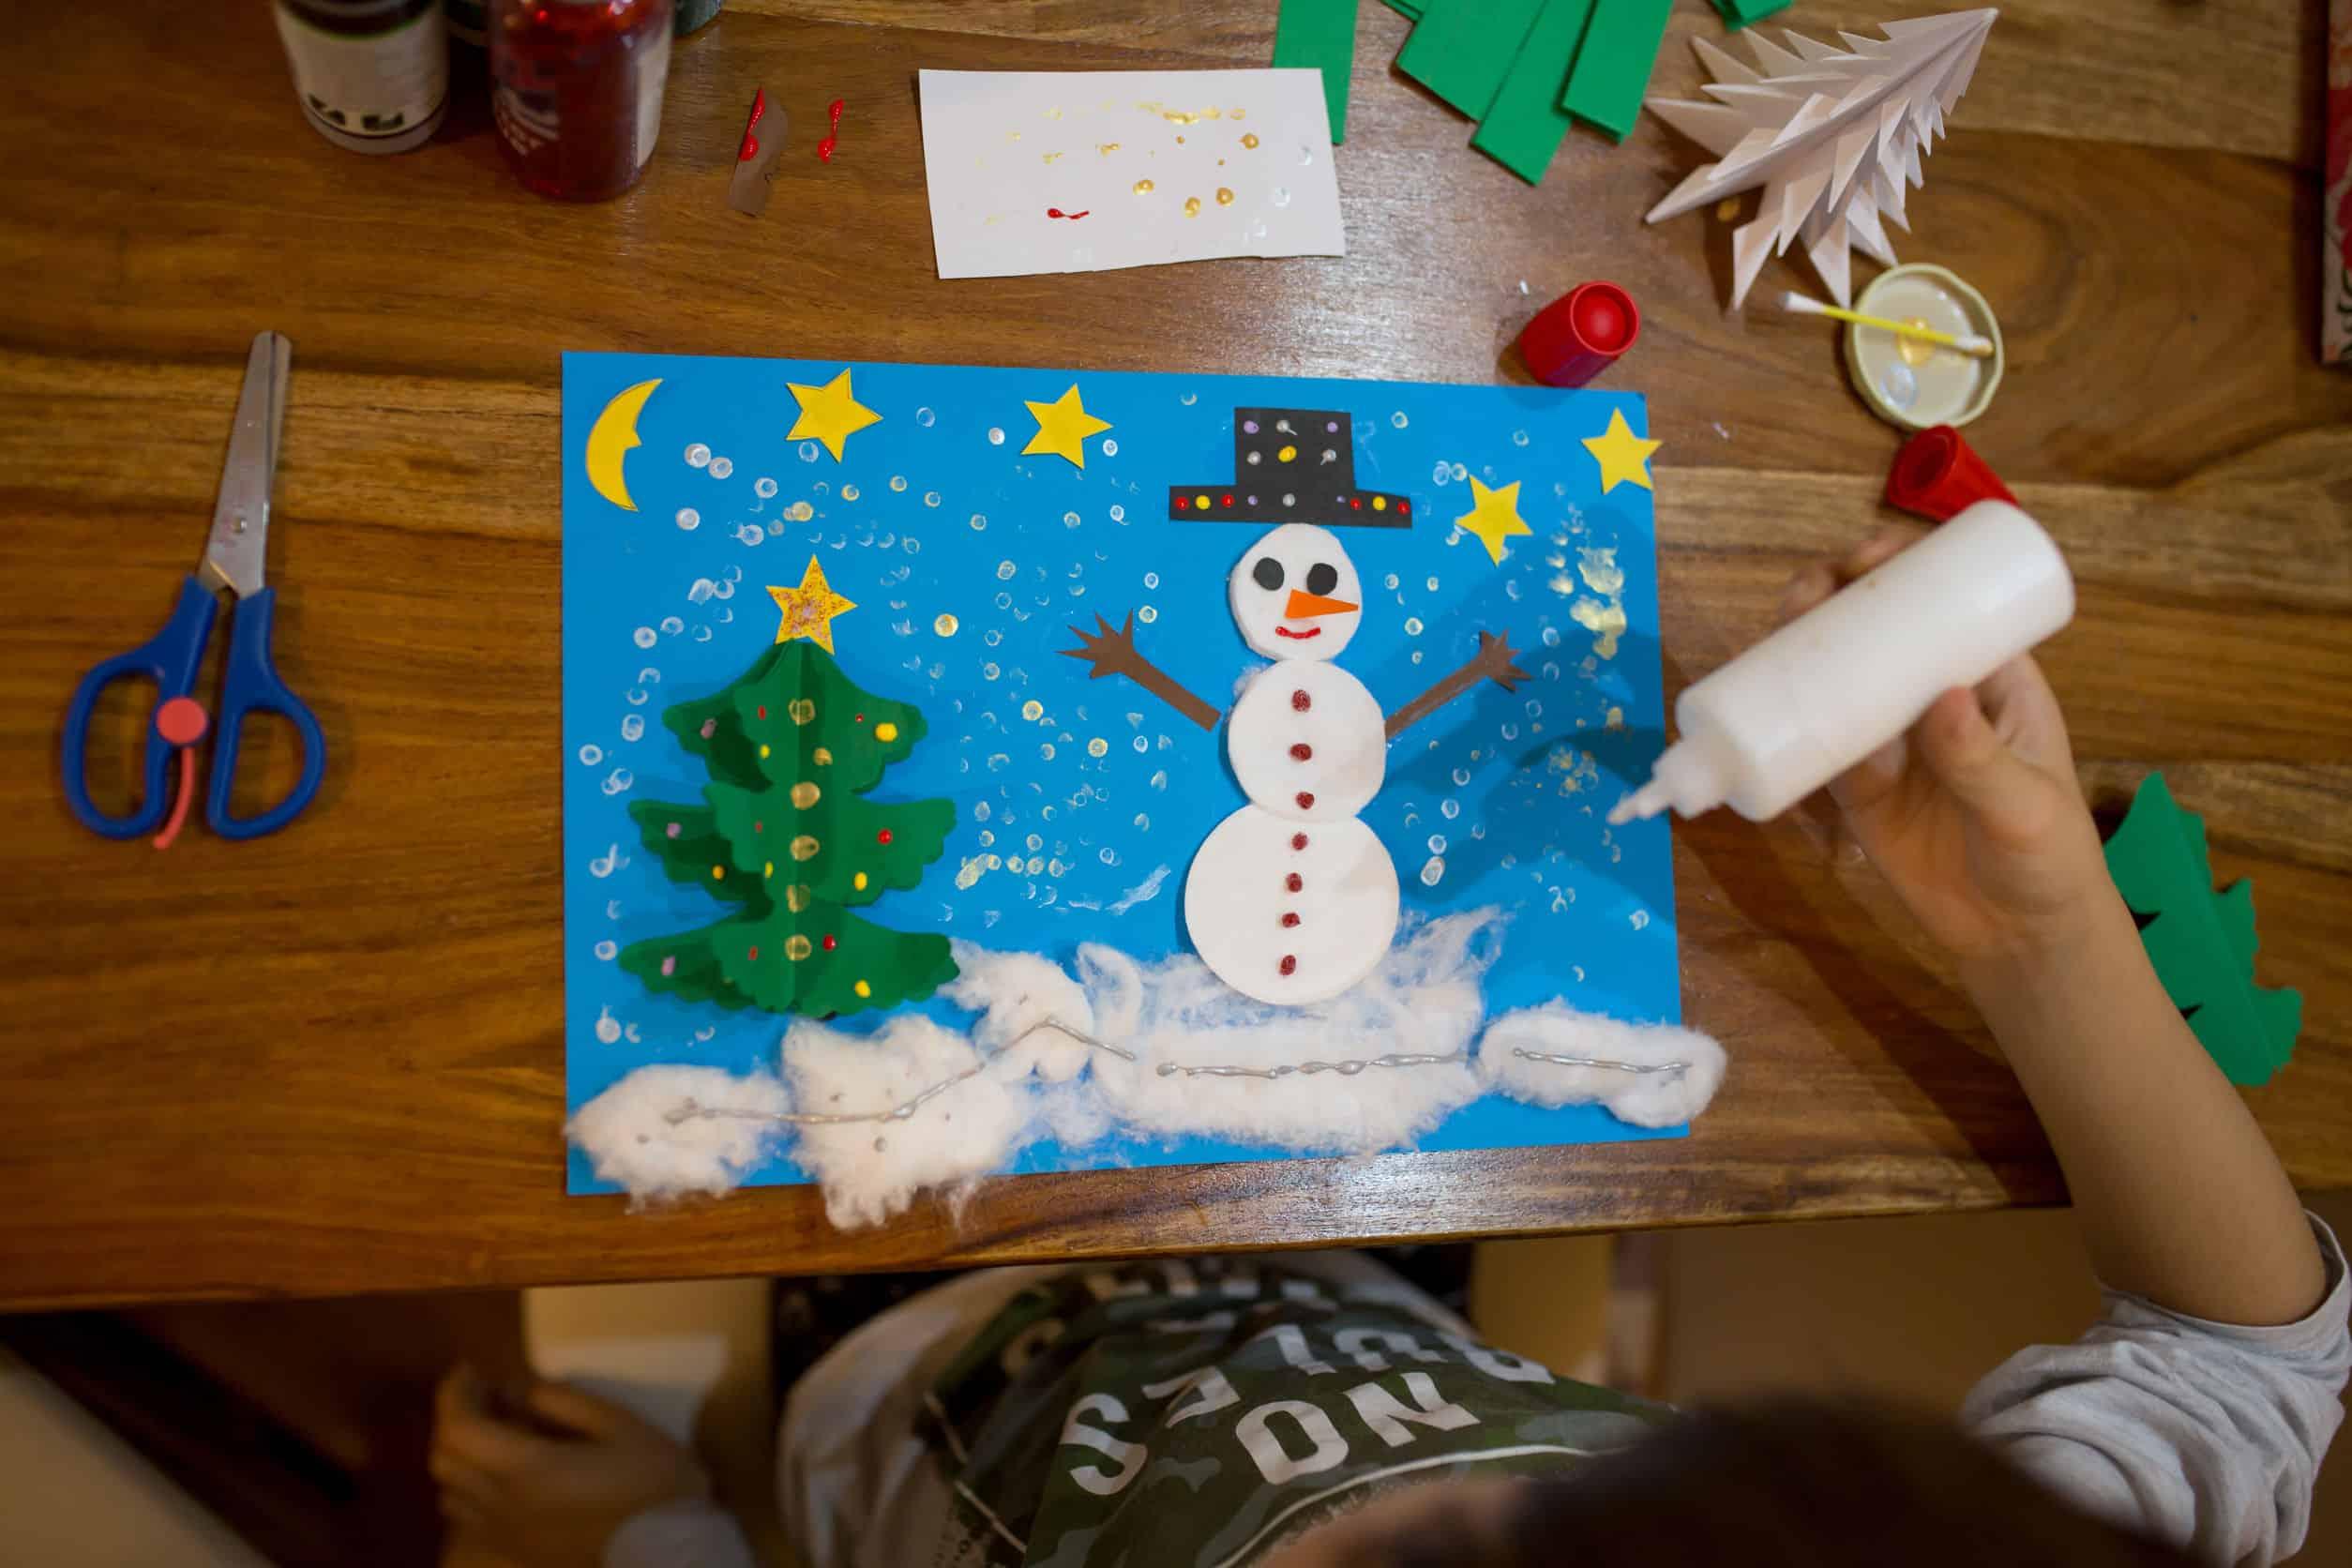 Criança dá acabamento de desenho com colagem com cola colorida.